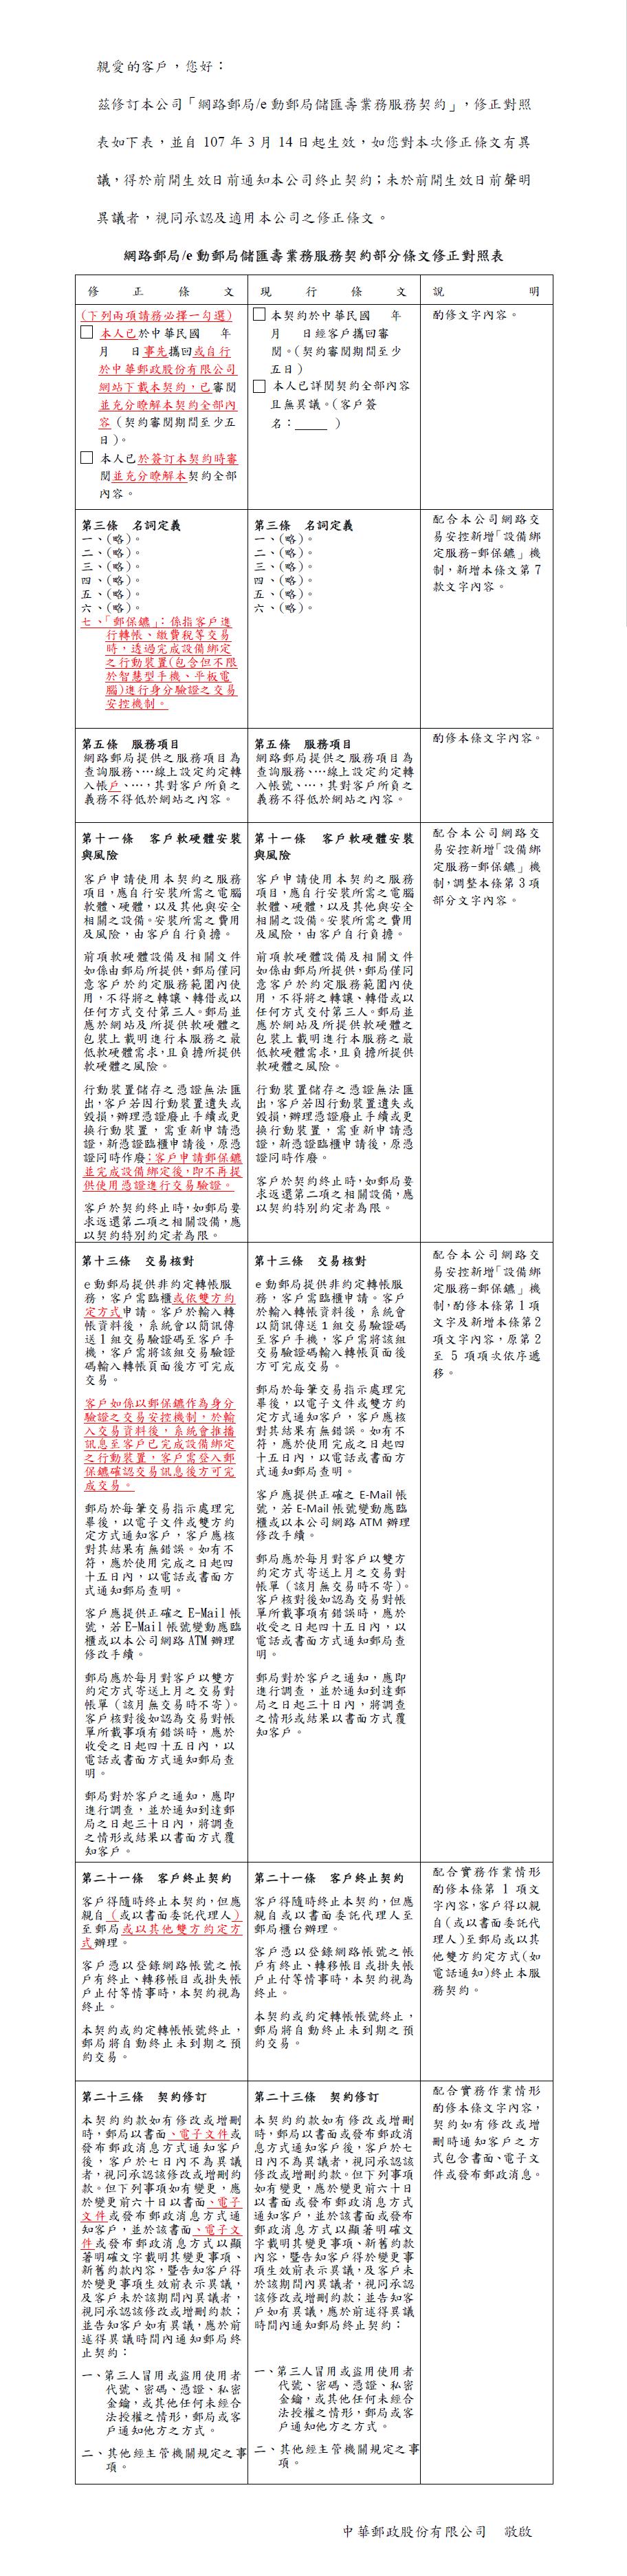 本公司自107年3月14日起,修正「網路郵局/e動郵局儲匯壽業務服務契約」